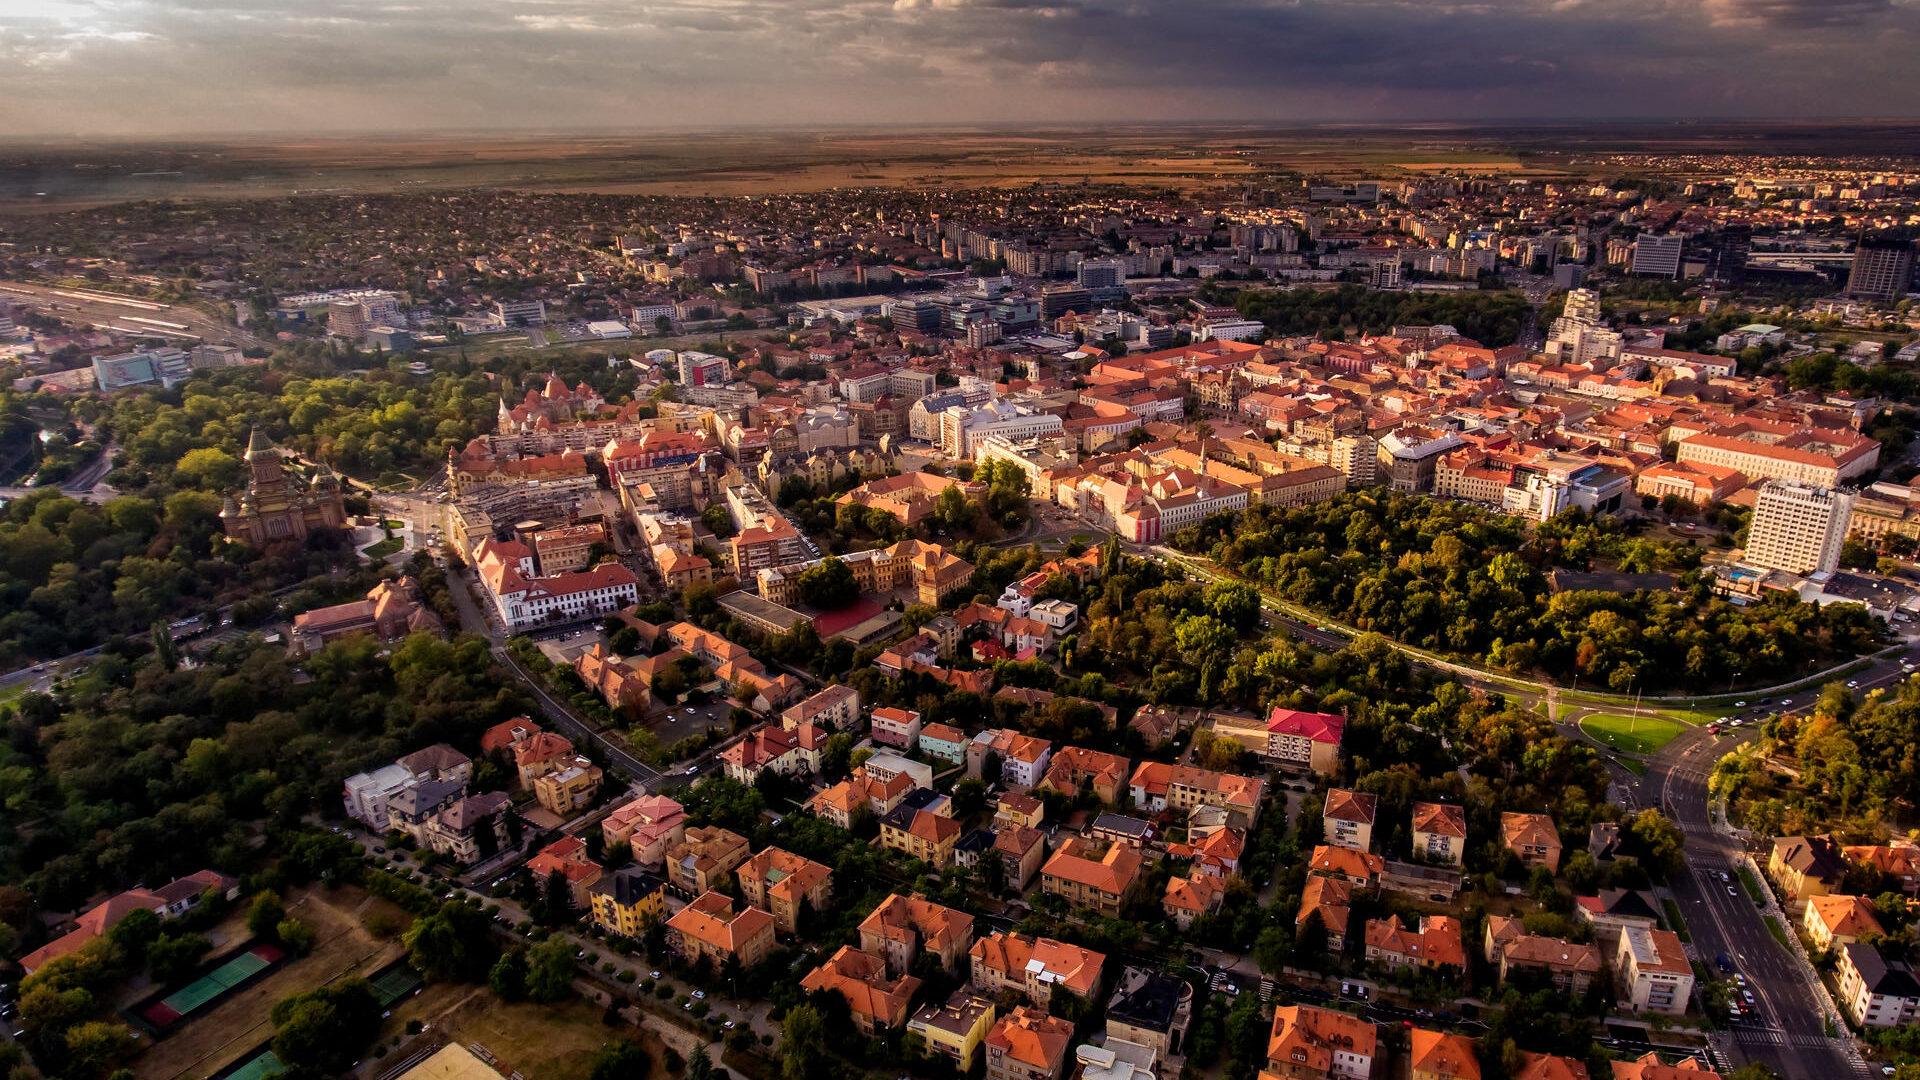 Visiting Timisoara in Romania